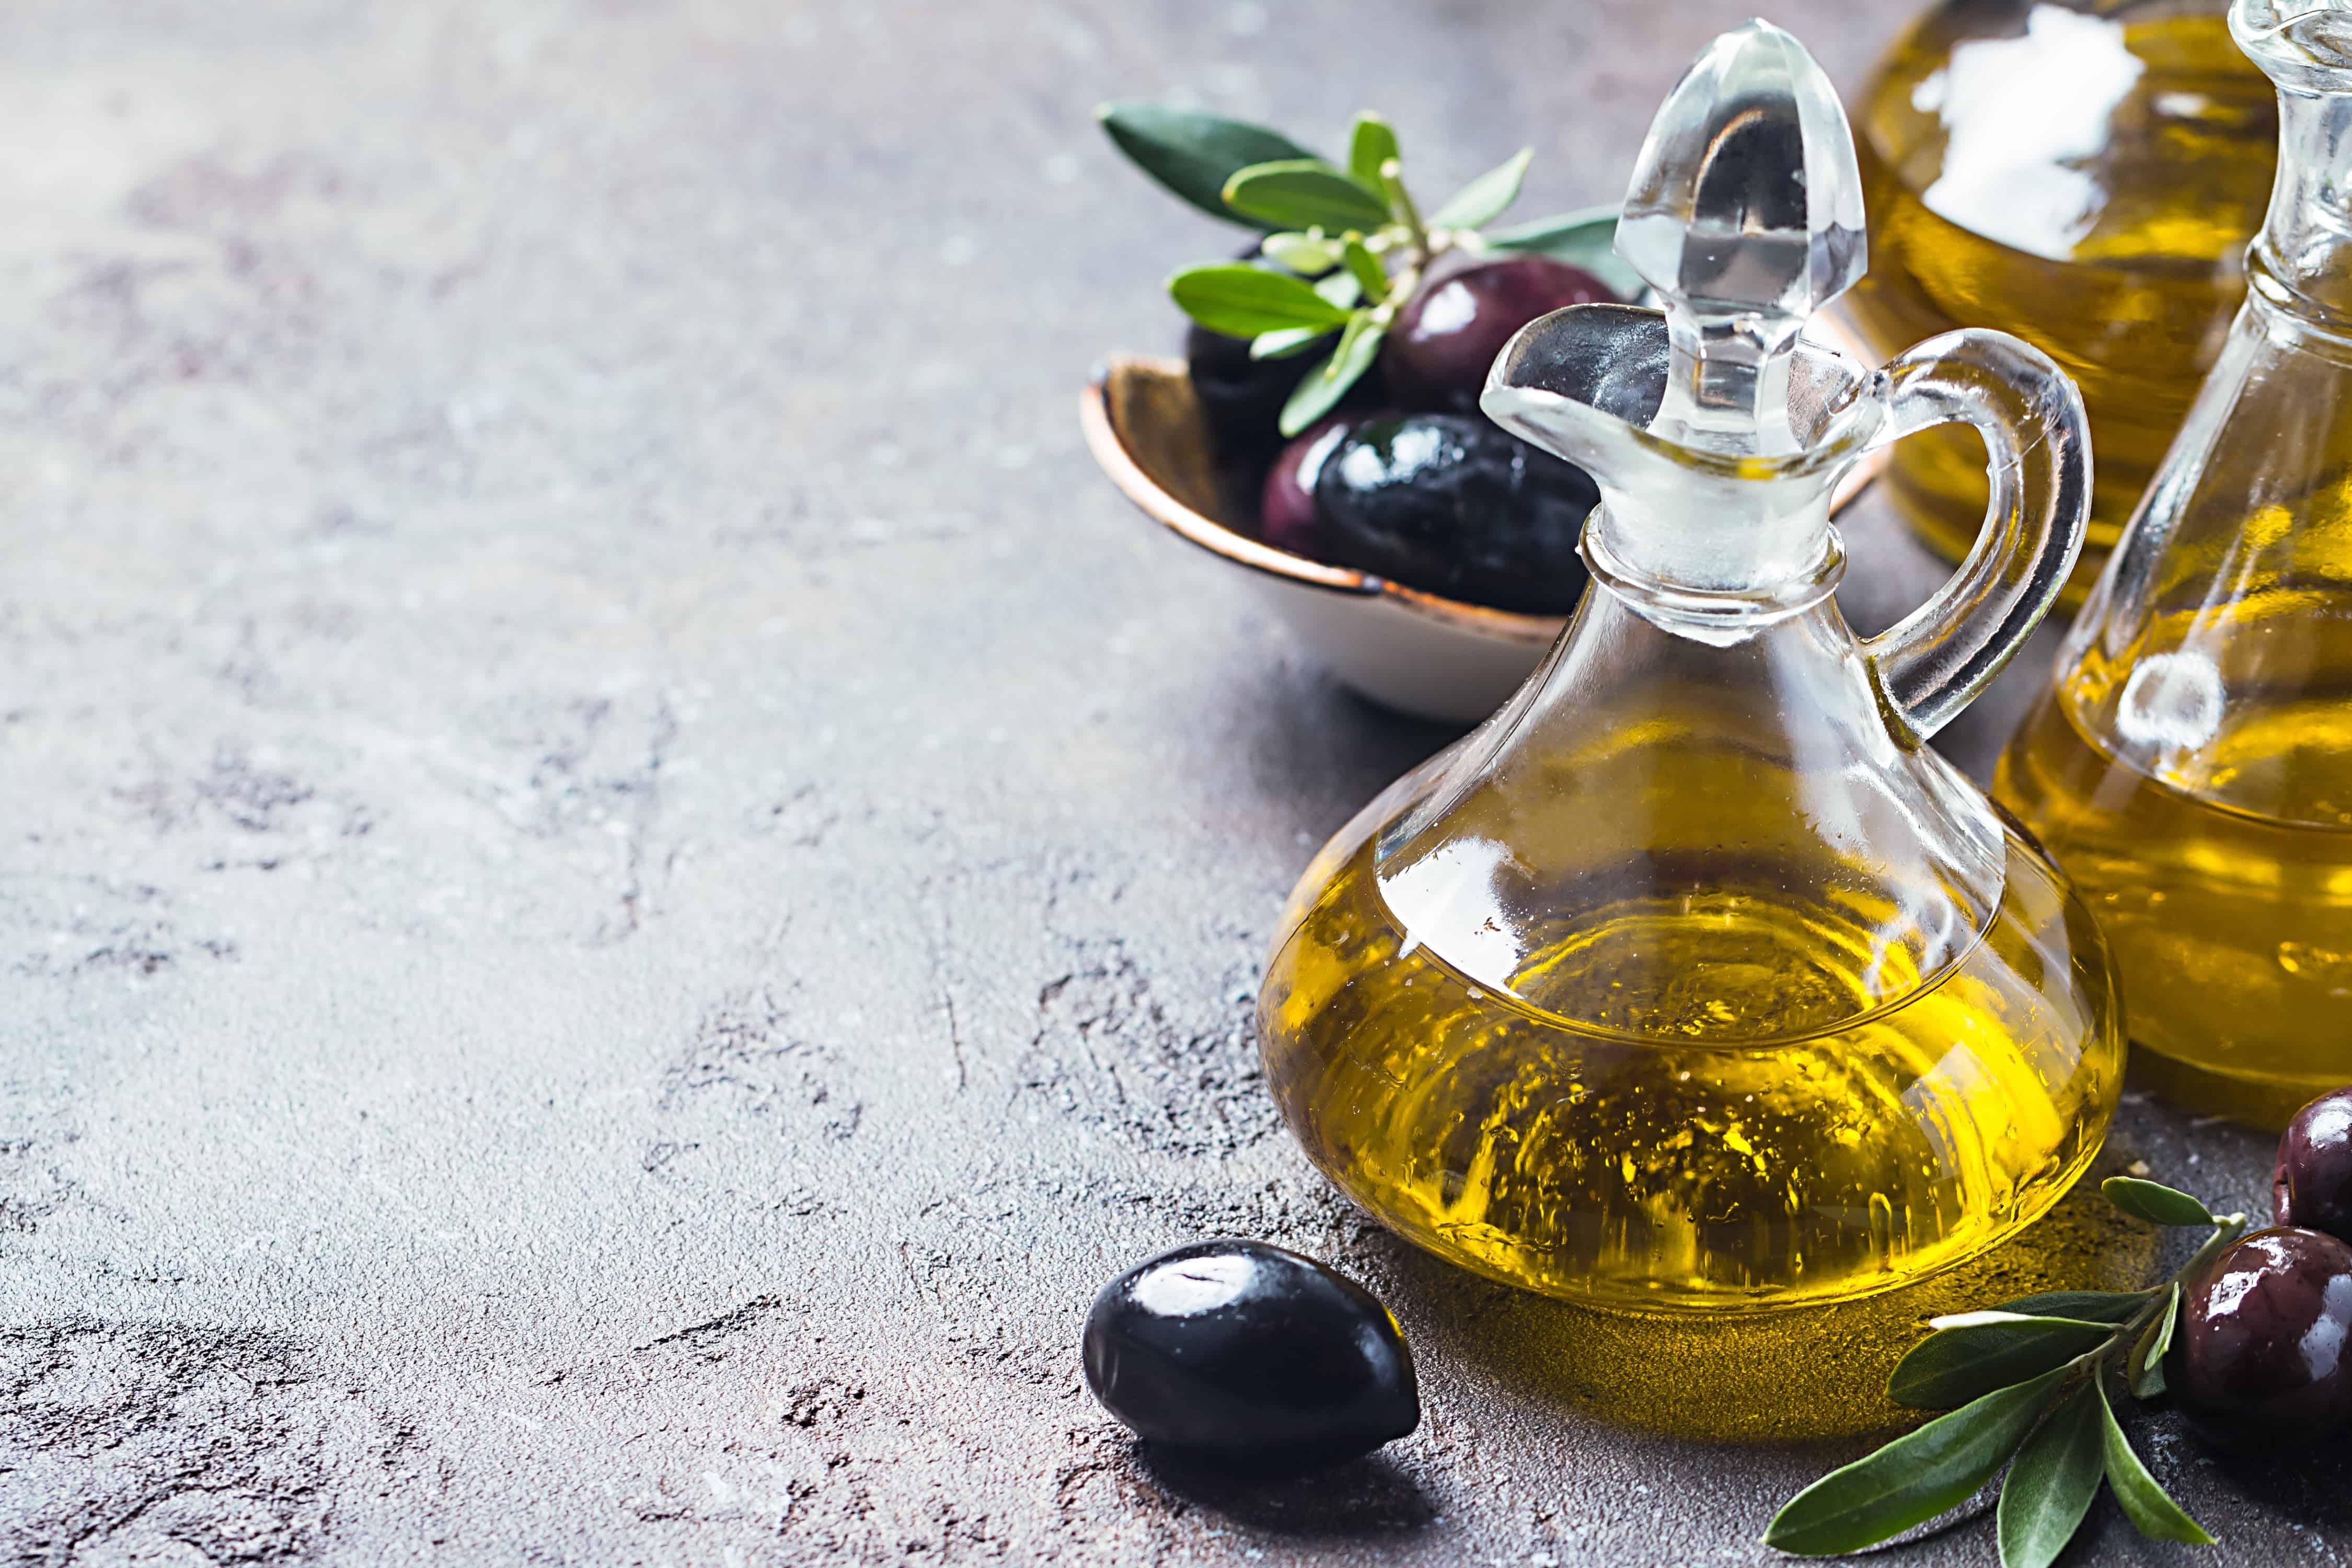 Оливковое масло - чем полезно для организма и кожи. Есть ли у него противопоказания